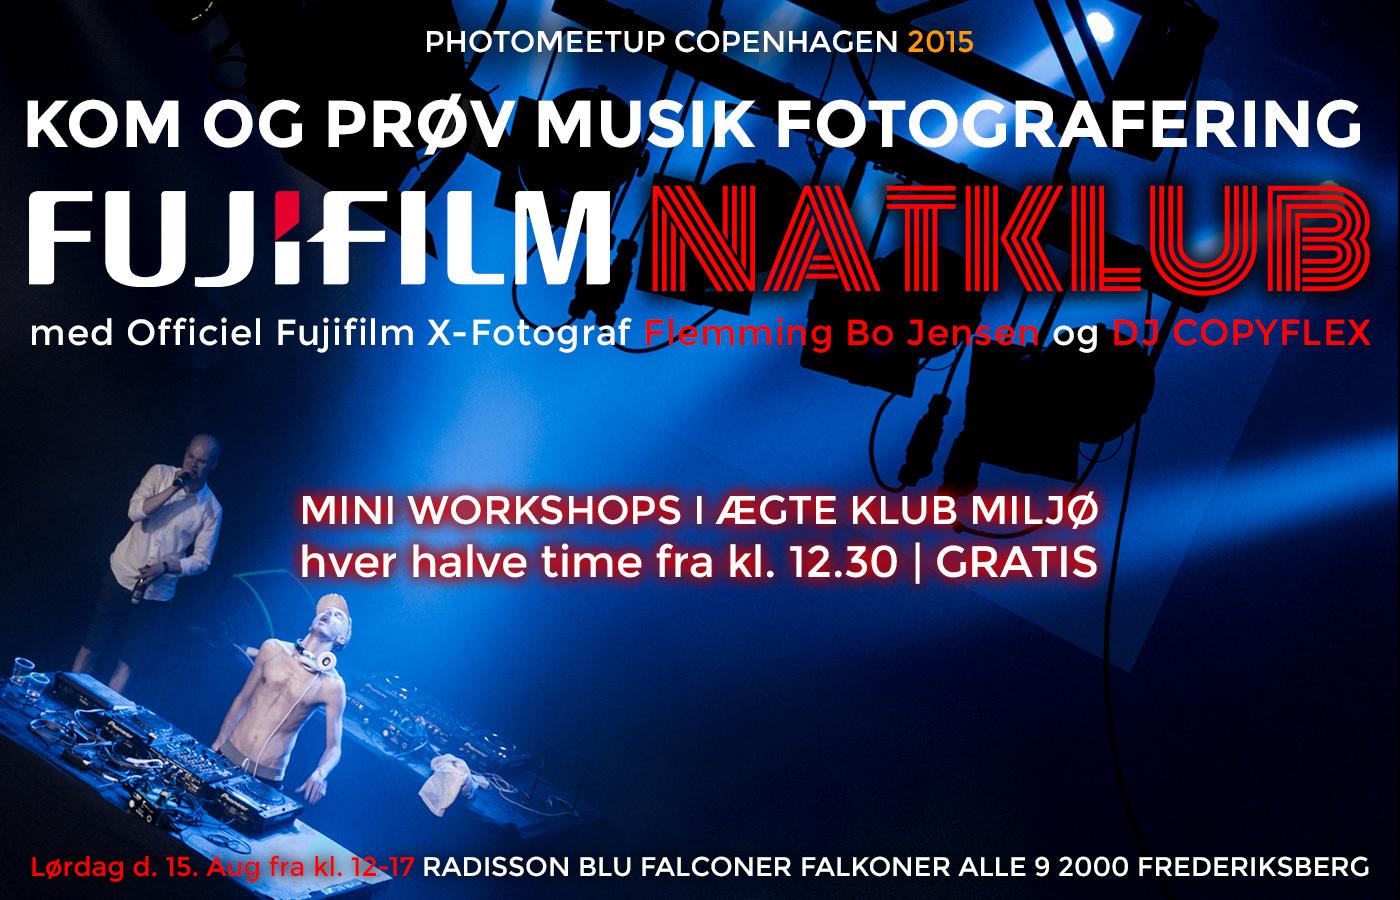 Fujifilm Nightclub